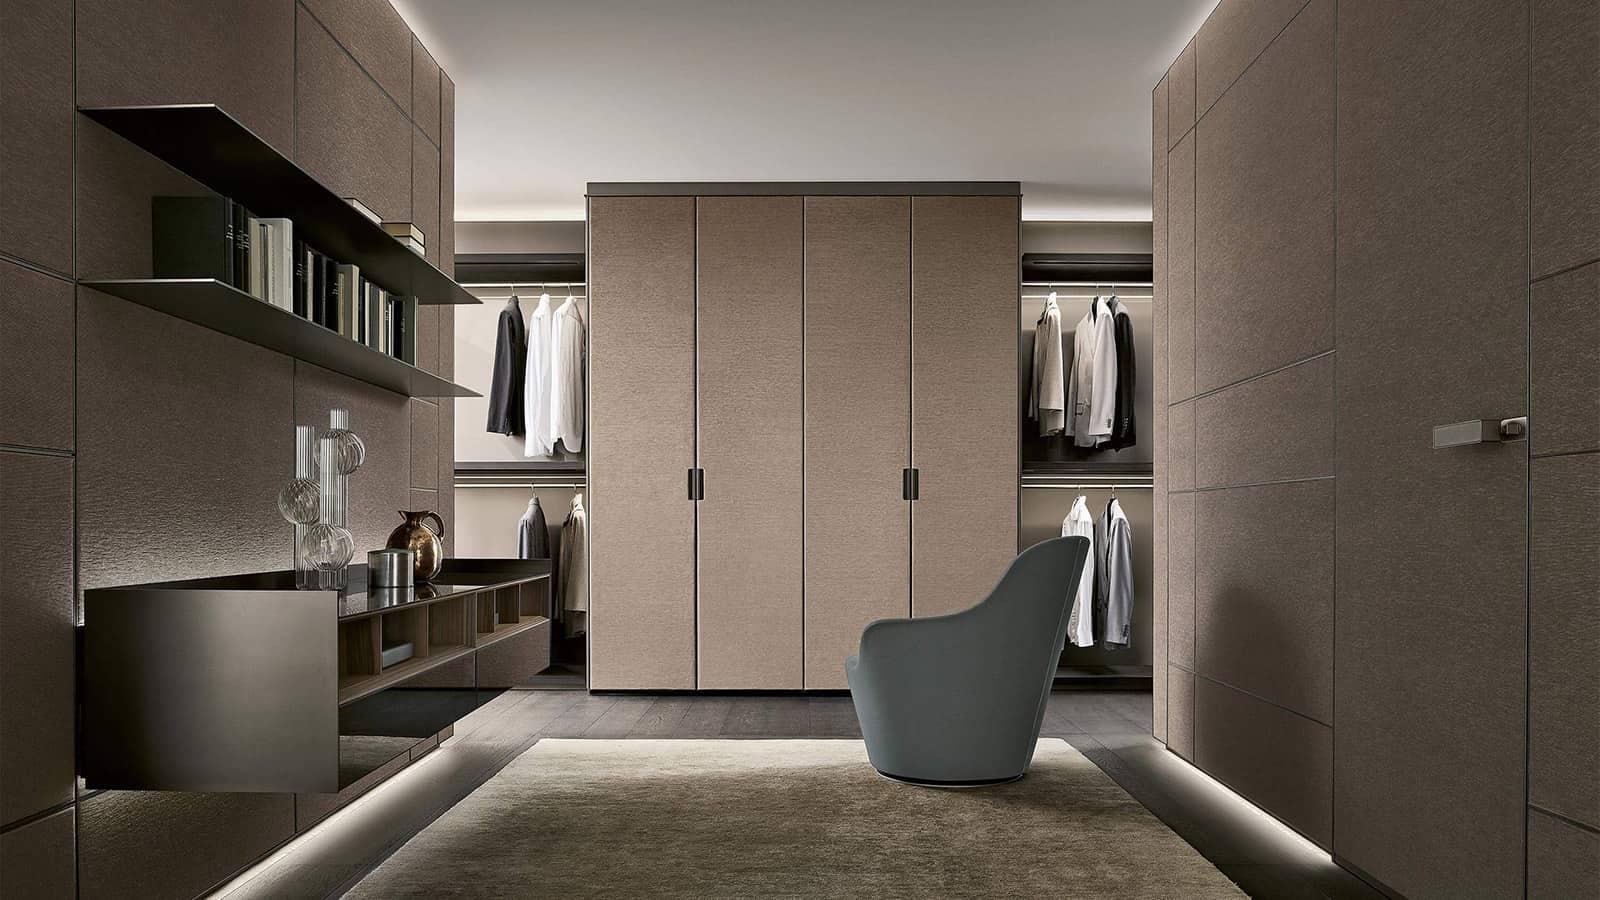 Luxe kleedruimte met wandpanelen en garderobekasten afgewerkt in textiel rimadesio modulor